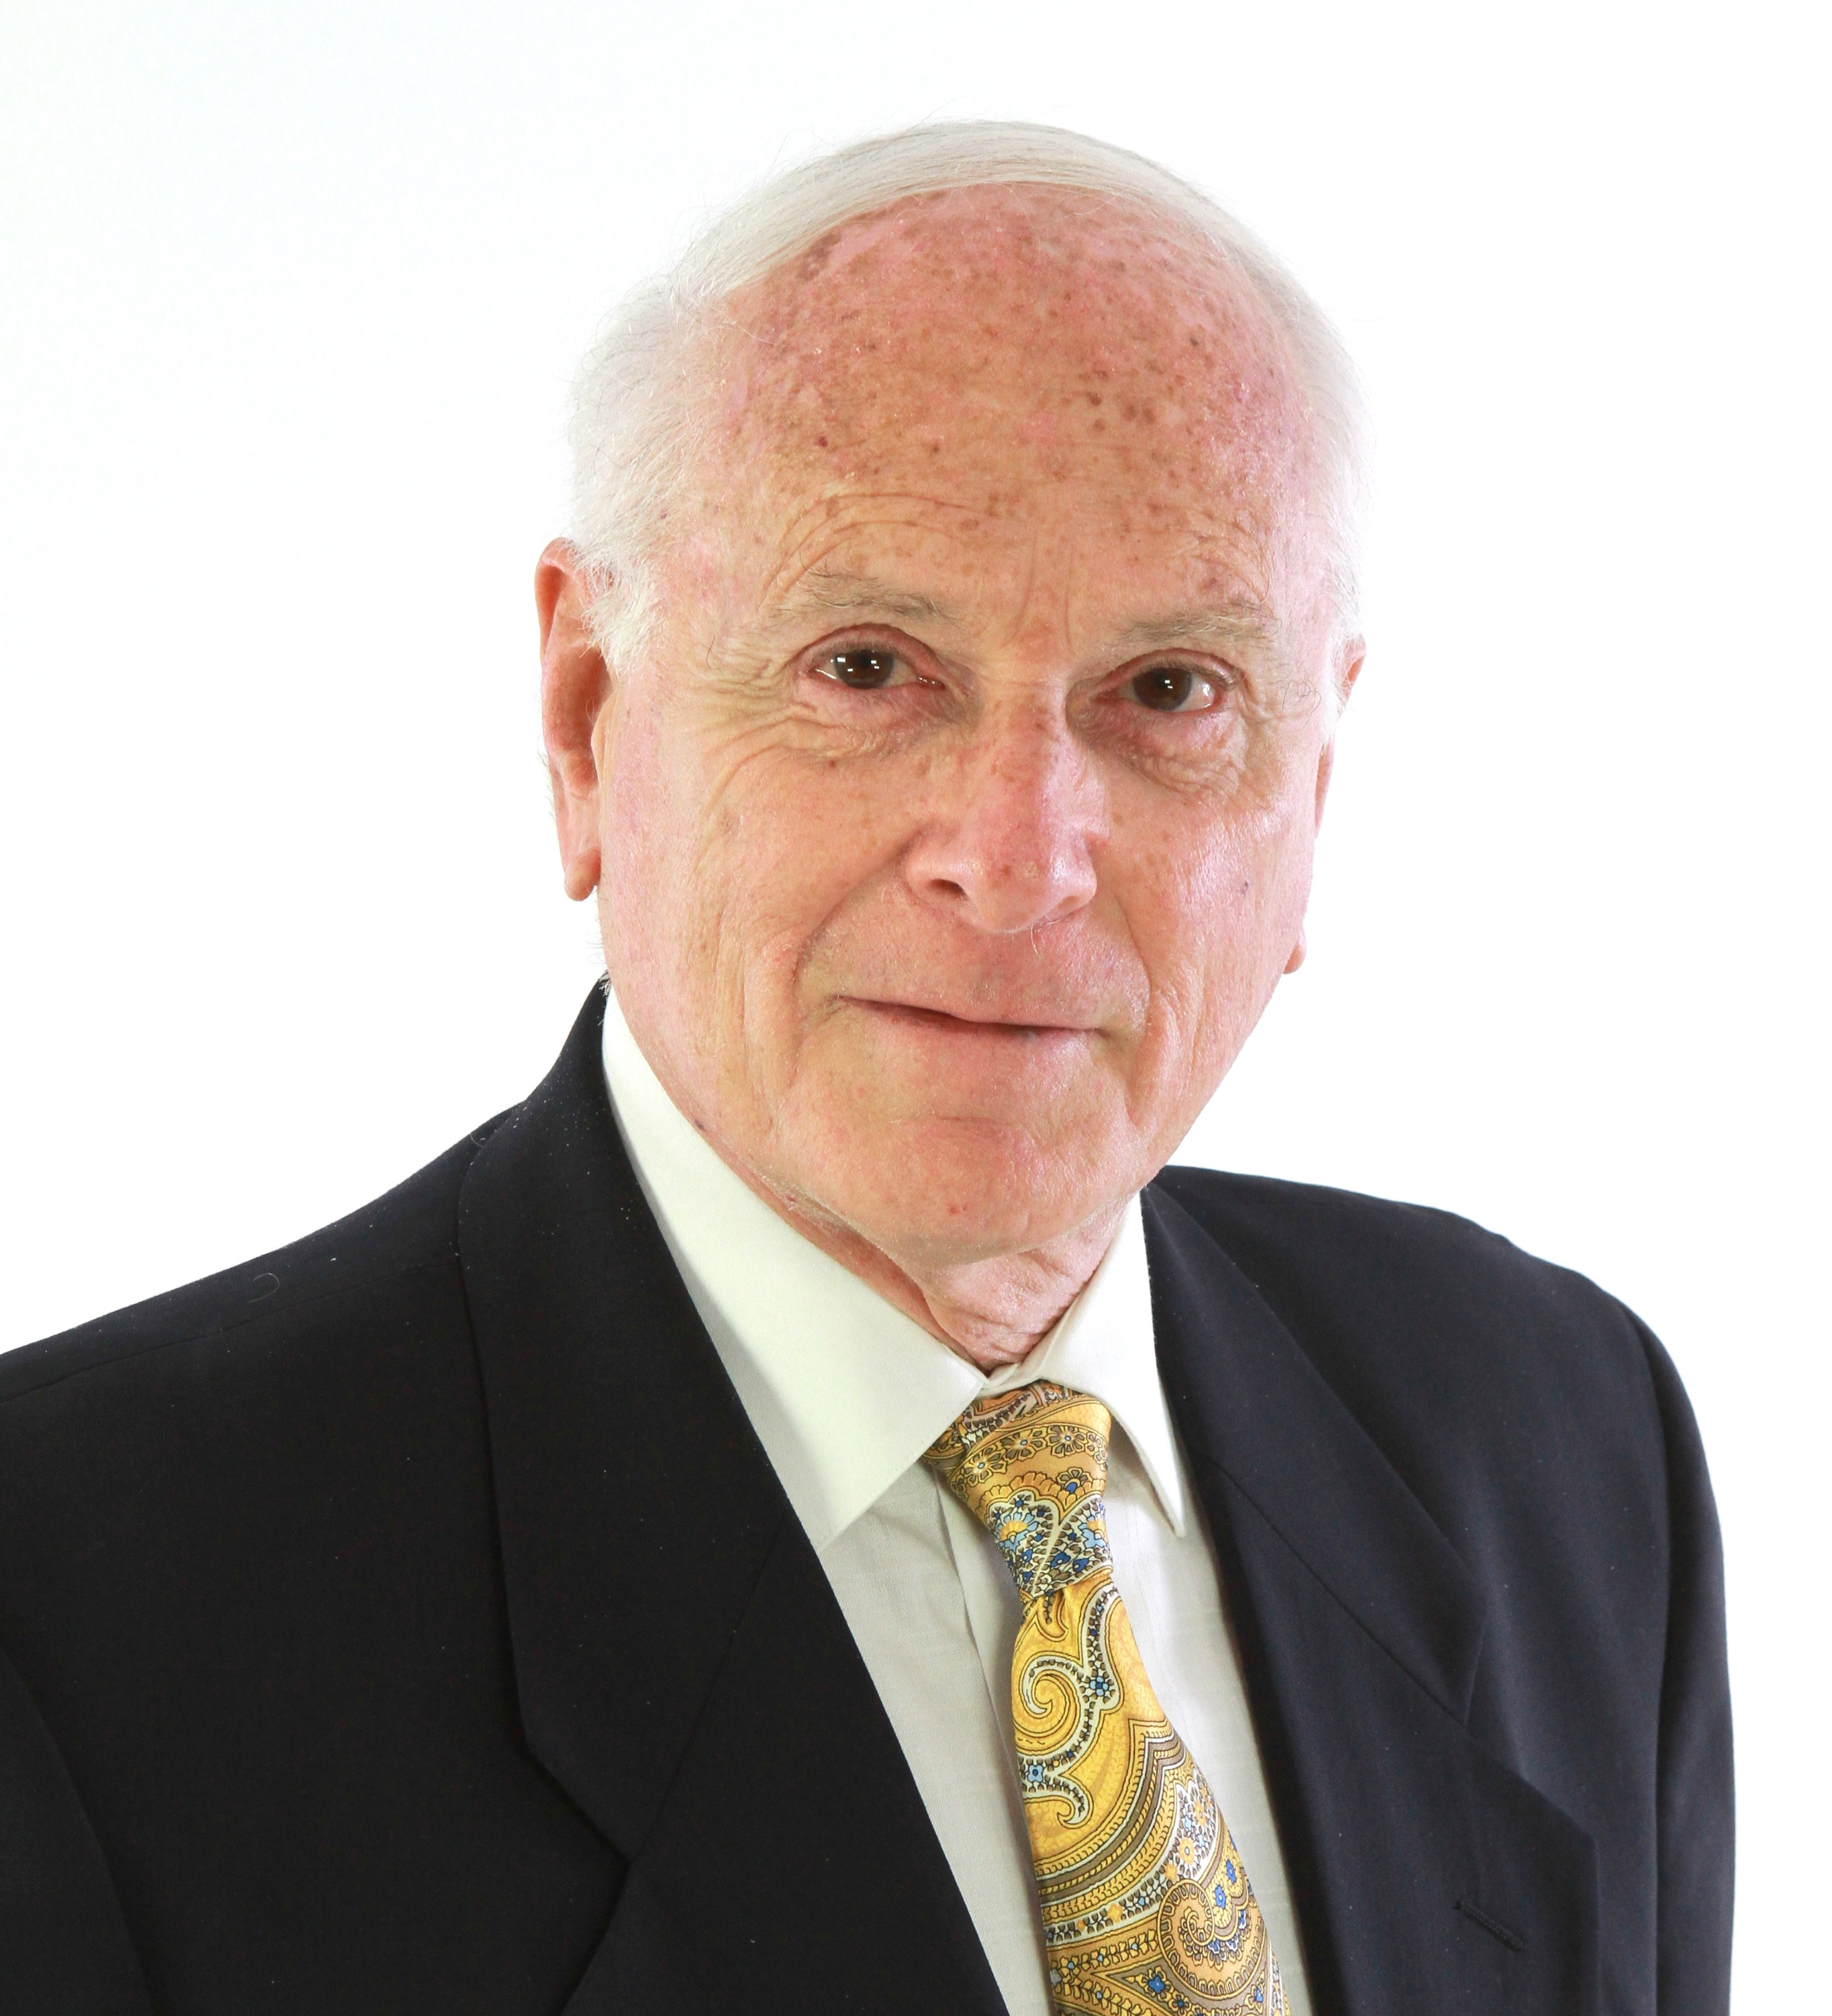 Bernard Vishnick